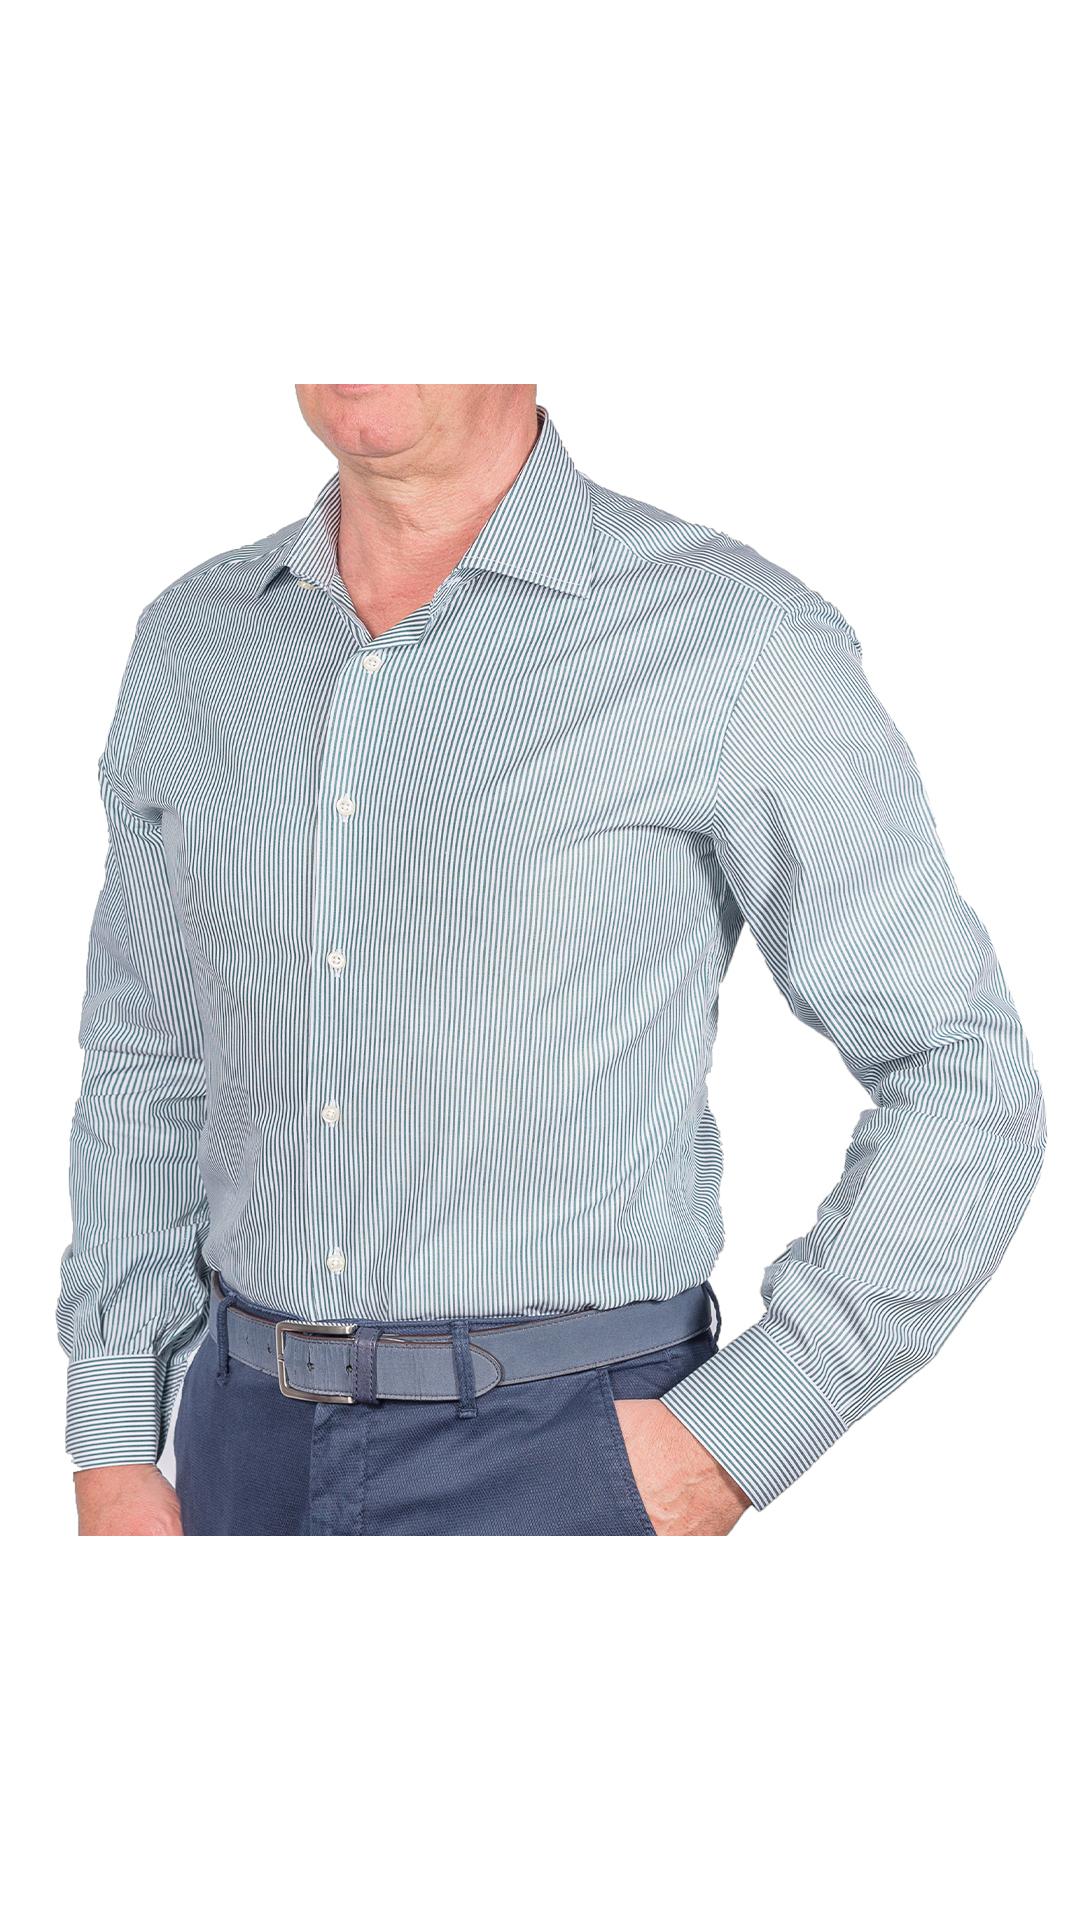 LUXURYJT0100 CAMICIA UOMO DOPPIO RITORTO MANICA LUNGA 1 1stAmerican camicia elegante da uomo in collo classico 100% cotone alta qualità doppio ritorto manica lunga – camicia sartoriale regular fit